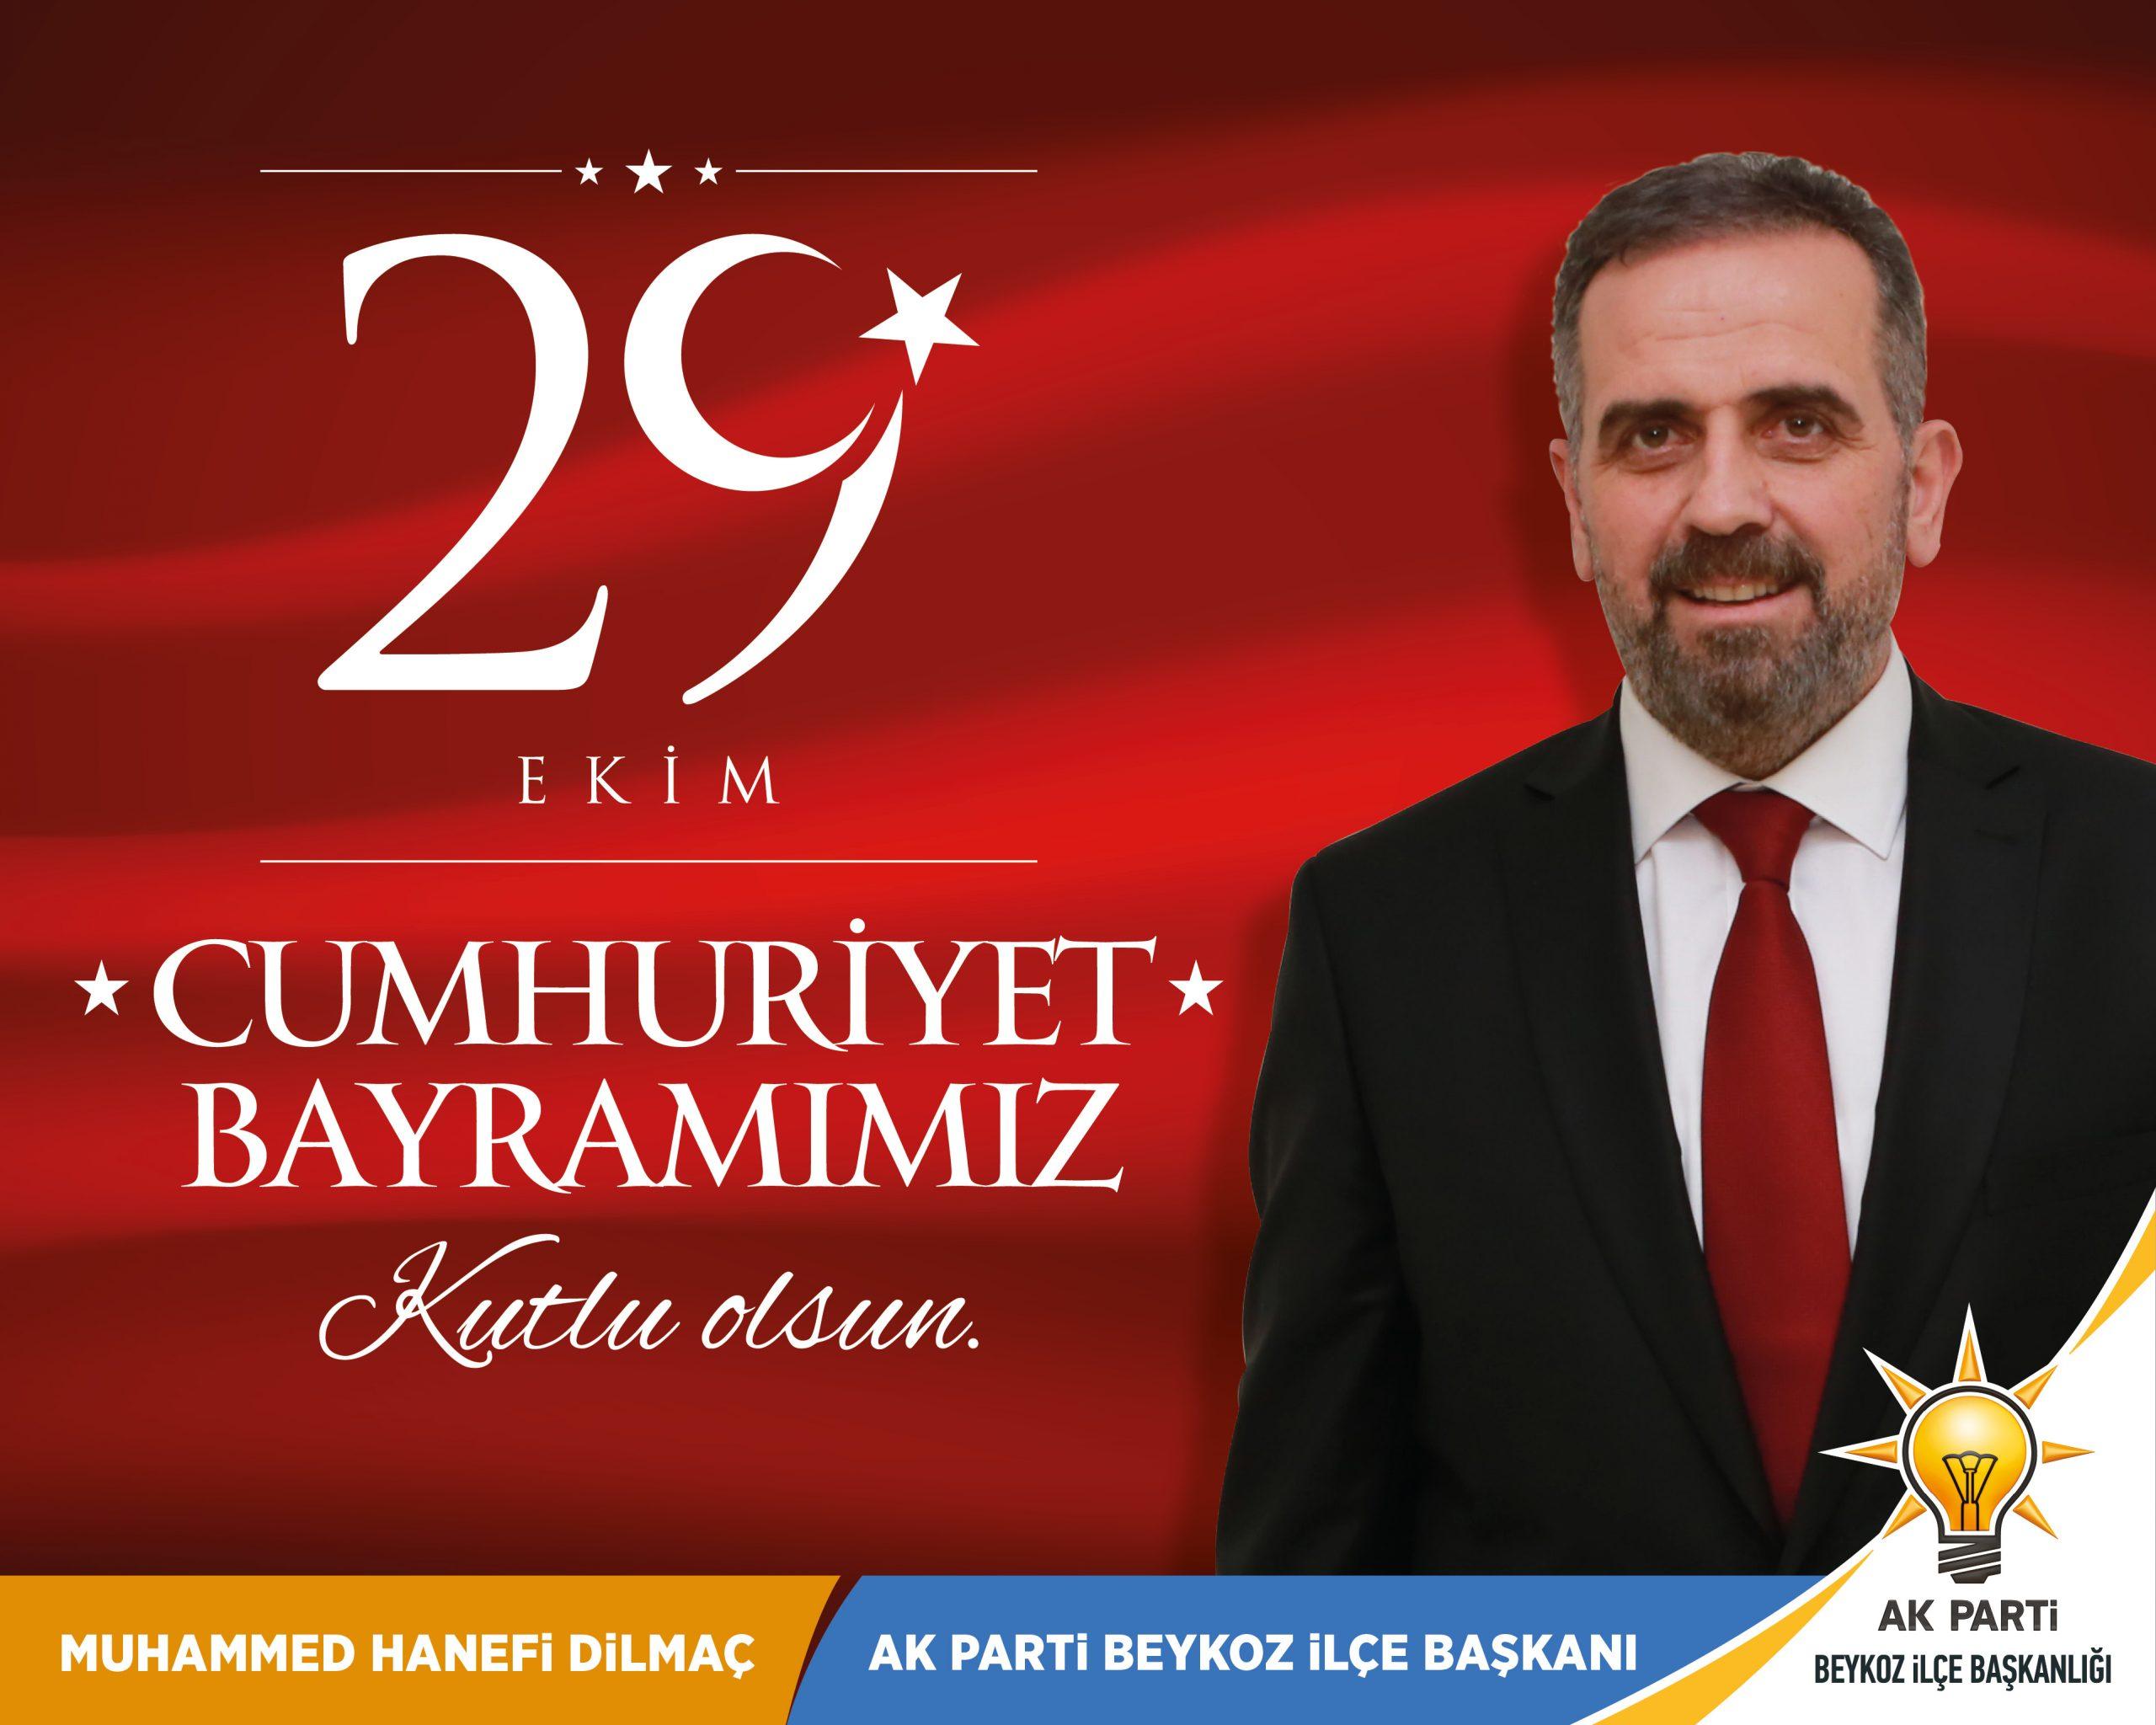 Hanefi Dilmaç: Cumhuriyet Bayramımız kutlu olsun